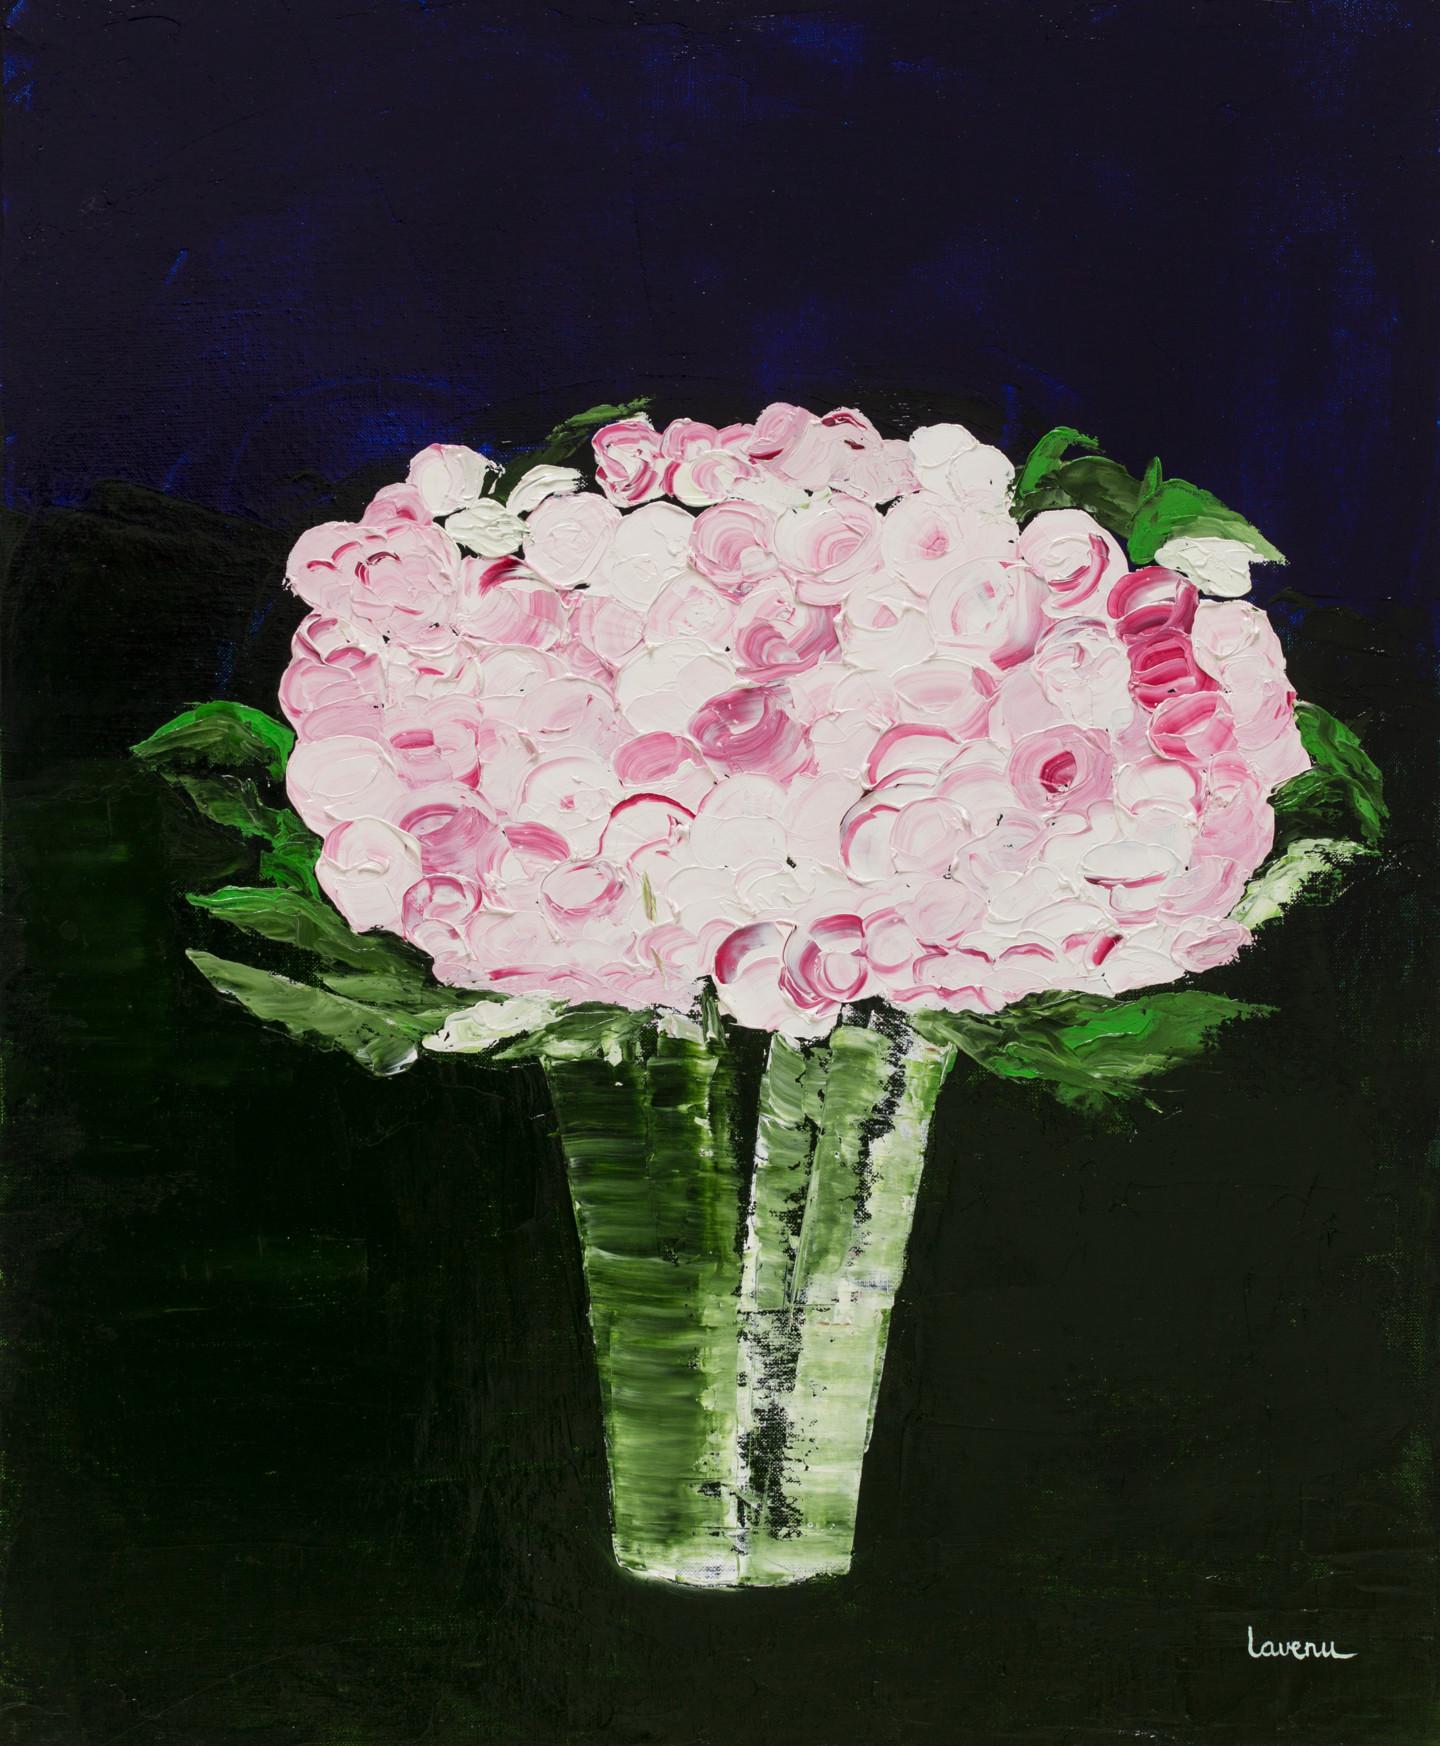 Francoise Lavenu - Bouquet roses pompons